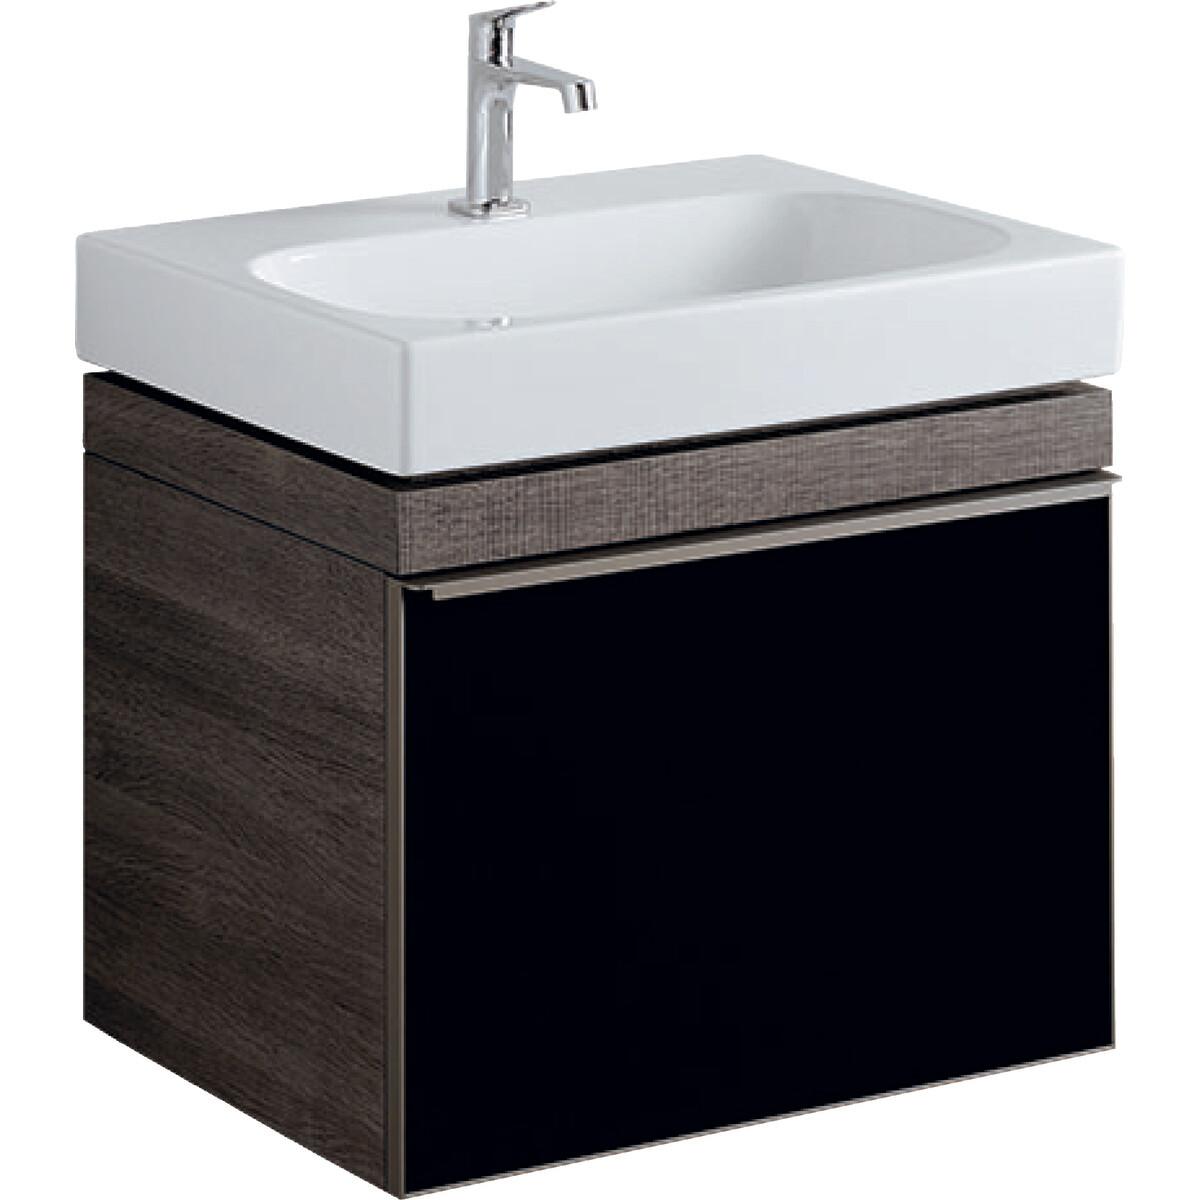 Meuble bas pour lavabo Geberit Citterio 75 cm en brun-gris et tiroir en verre noir-brillant